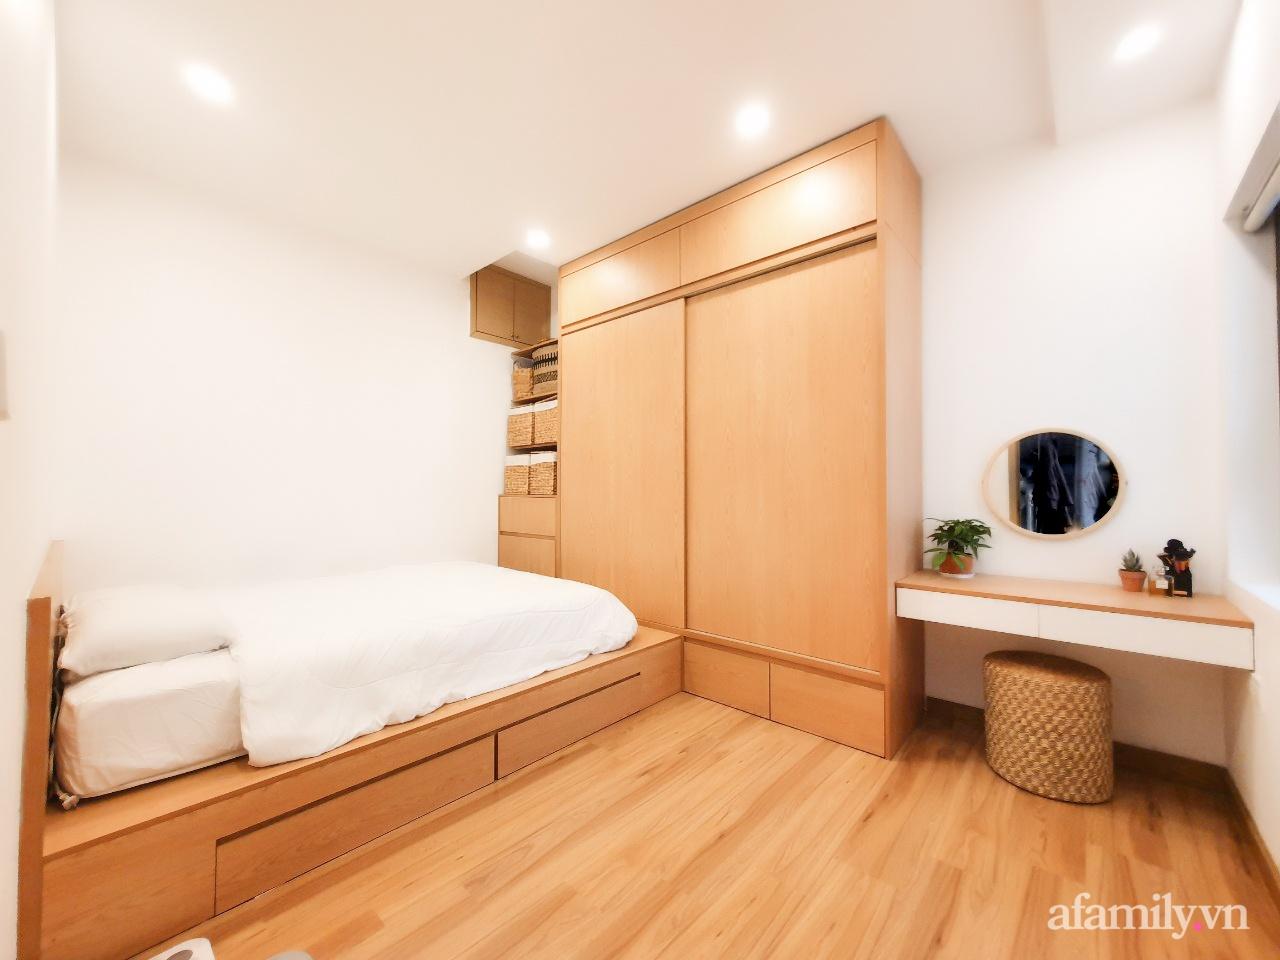 Căn hộ 180m² được vợ chồng trẻ cải tạo vừa ở vừa làm vườn có chi phí 550 triệu đồng ở Sài Gòn - Ảnh 7.